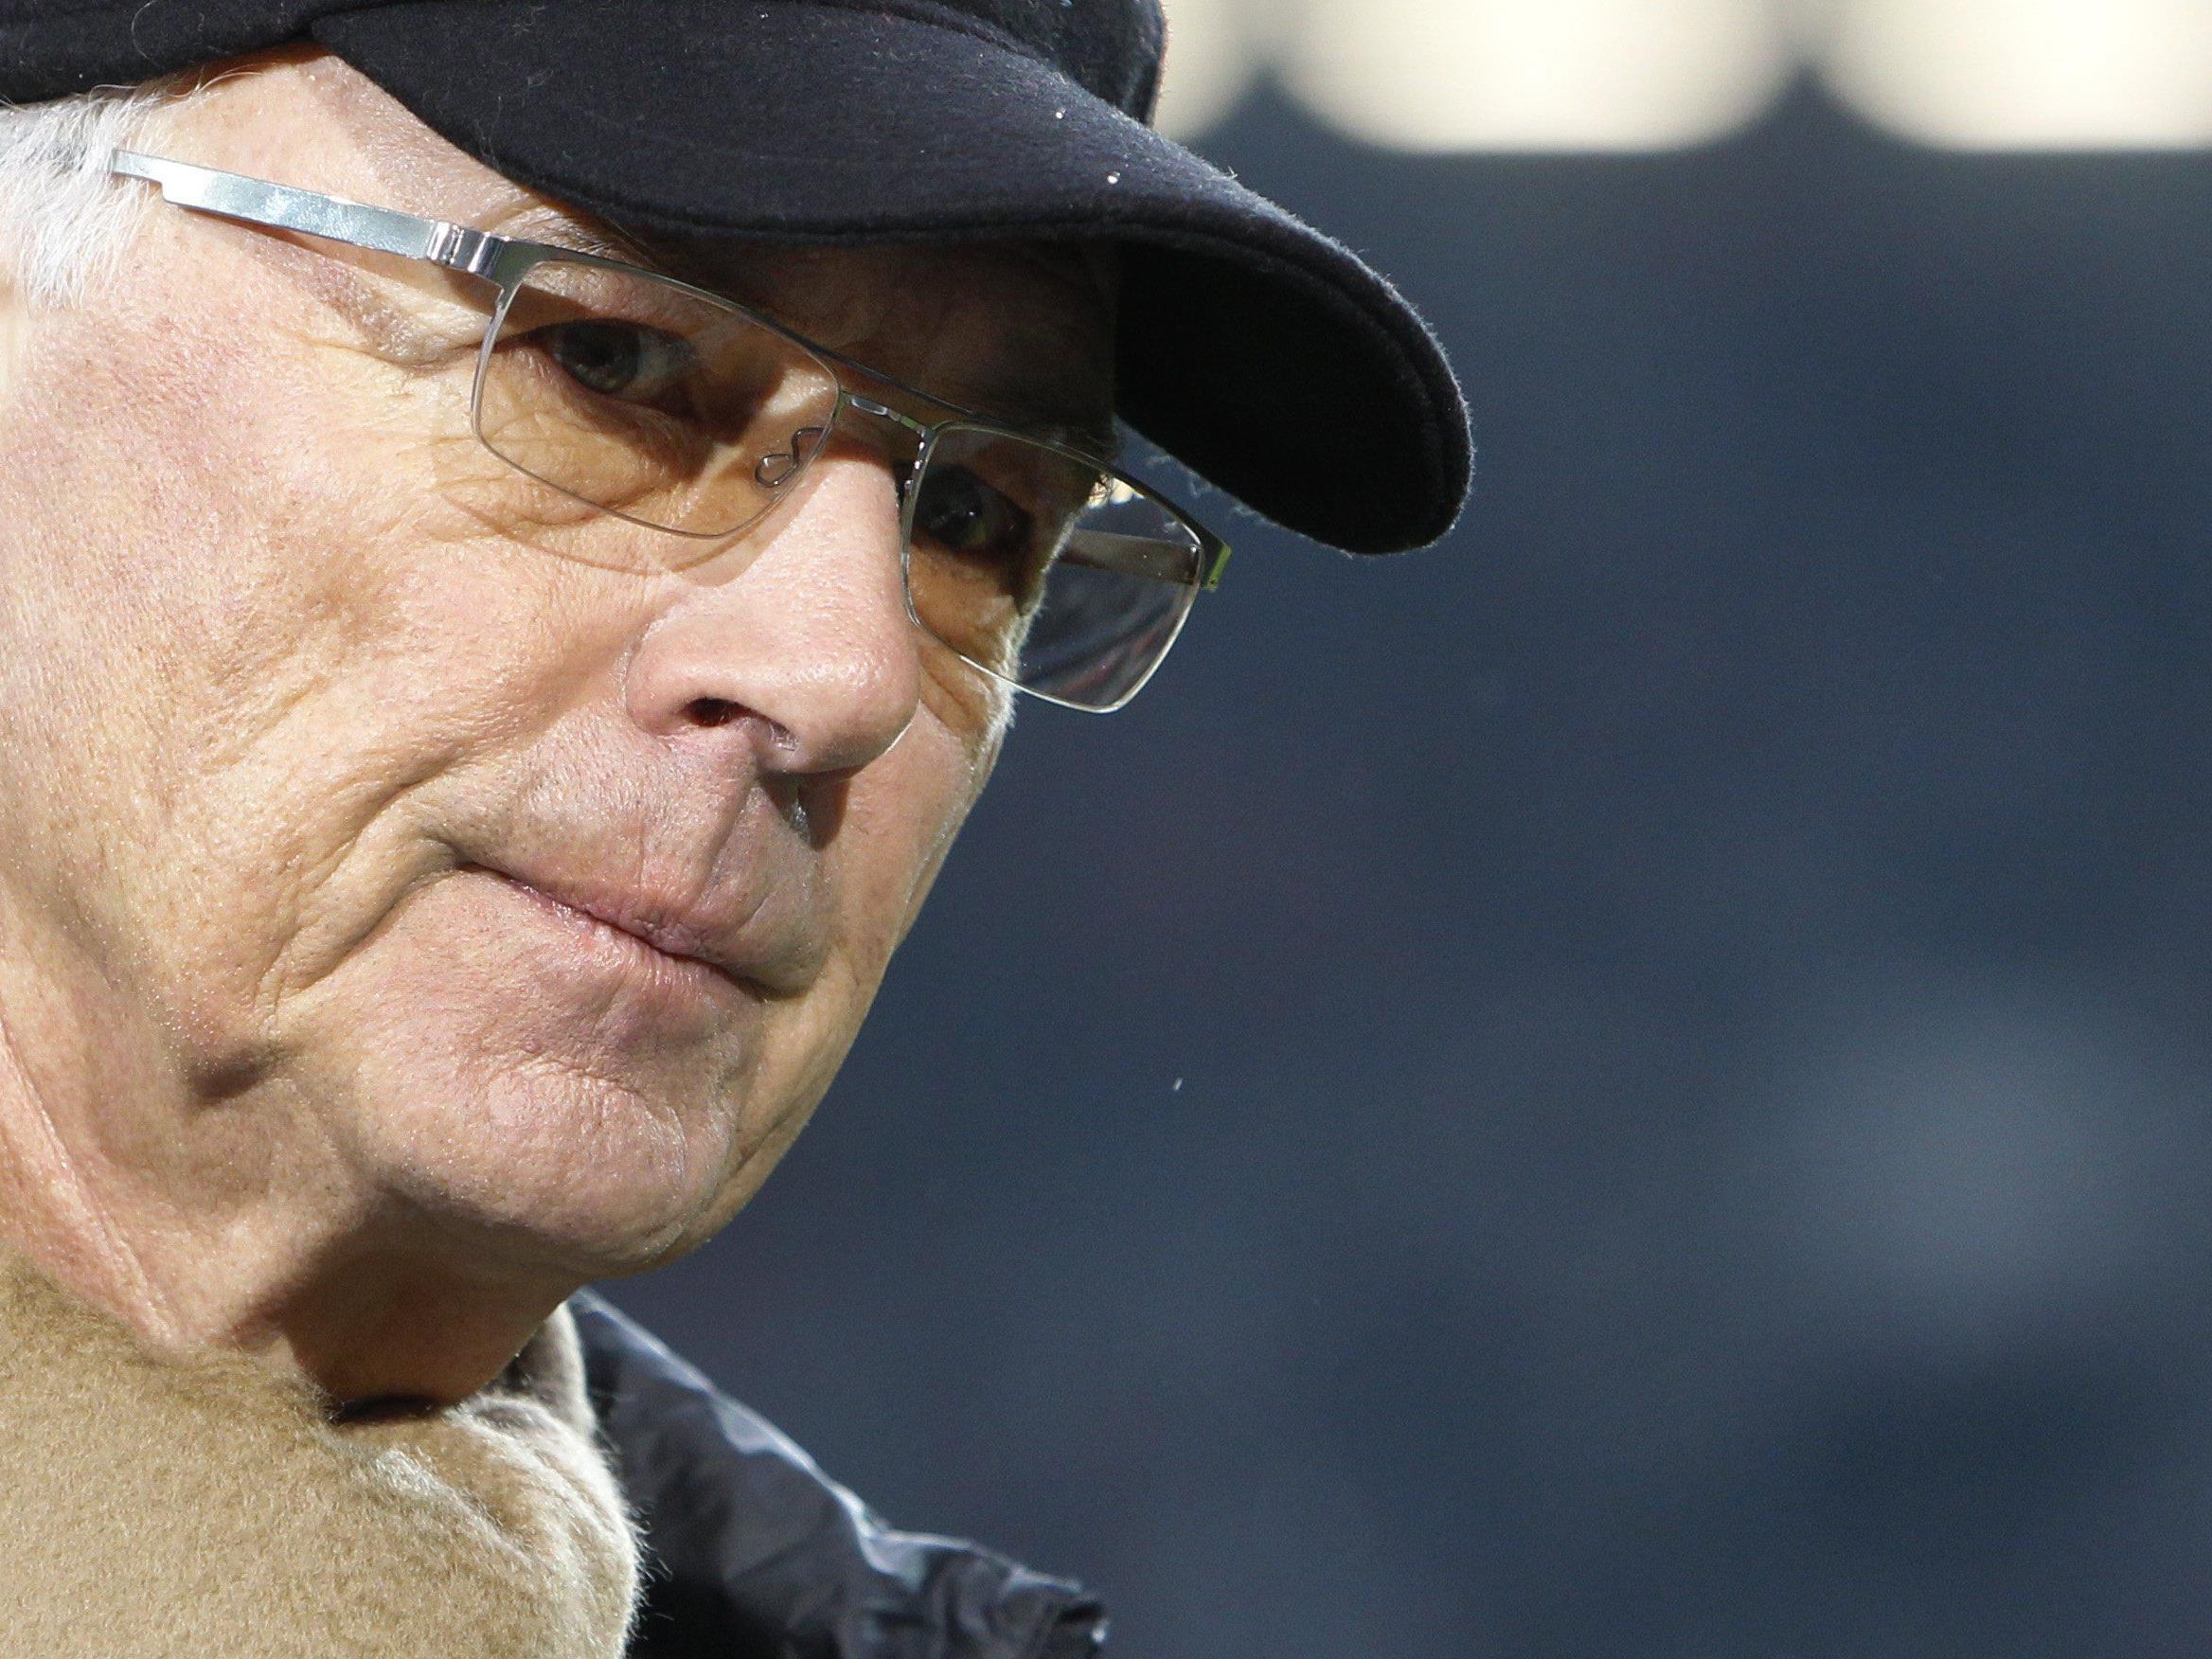 Franz Beckenbauer rückt im Skandal um mögliche Bestechung vor der Vergabe der Fußball-WM 2006 immer mehr in den Fokus.